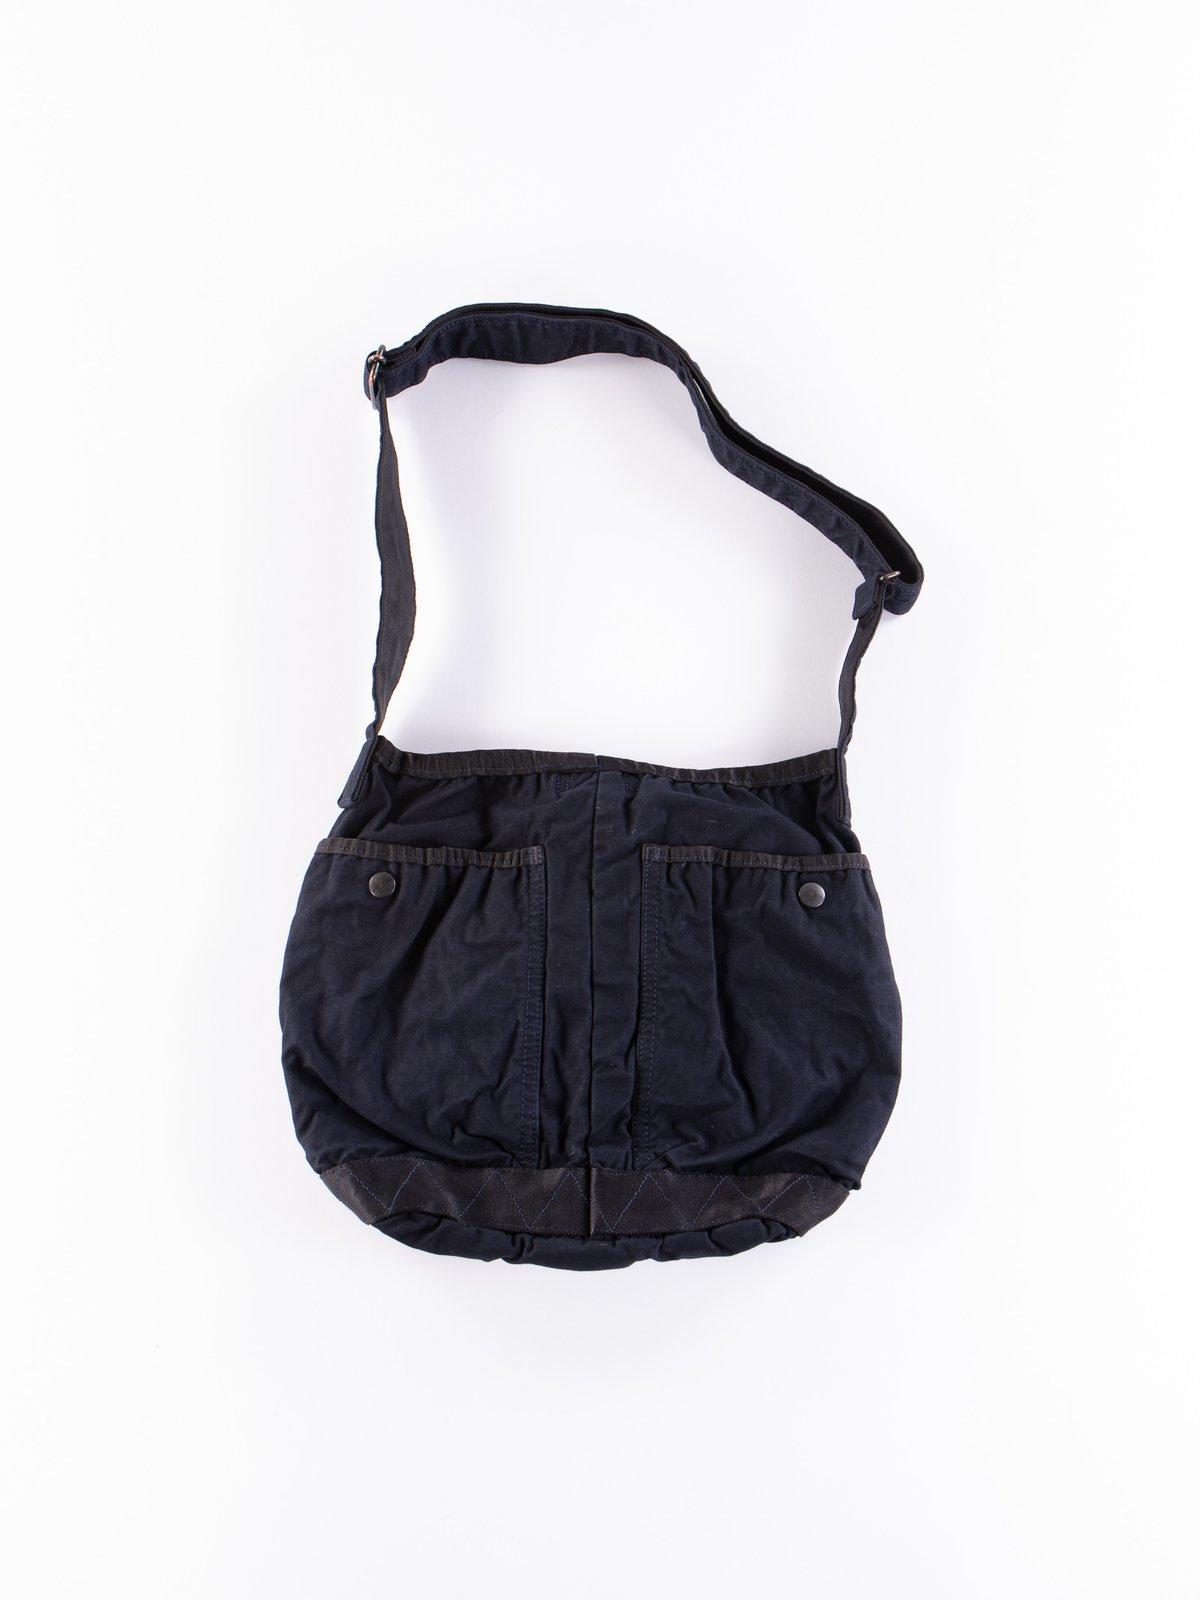 Navy Crag Shoulder Bag Small - Image 2